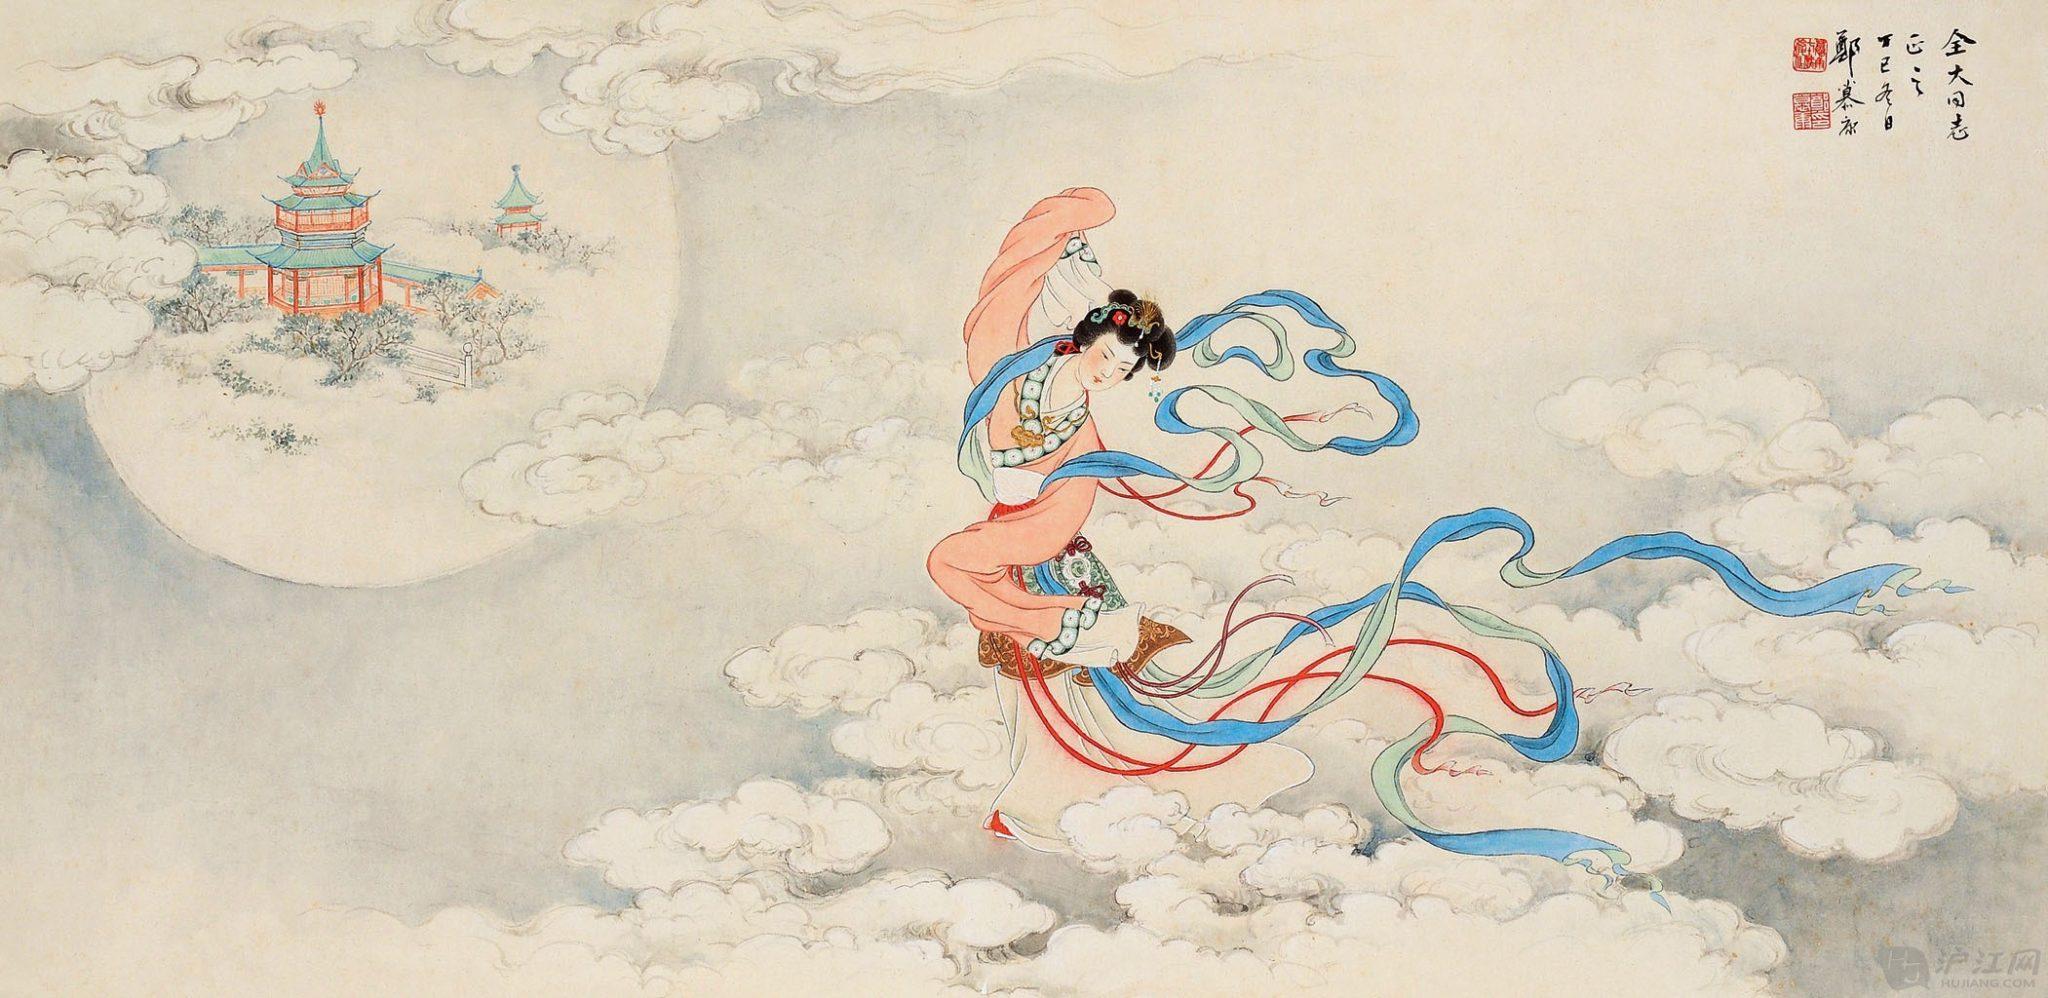 Η Χενγκ Ο, πετώντας προς το Φεγγάρι